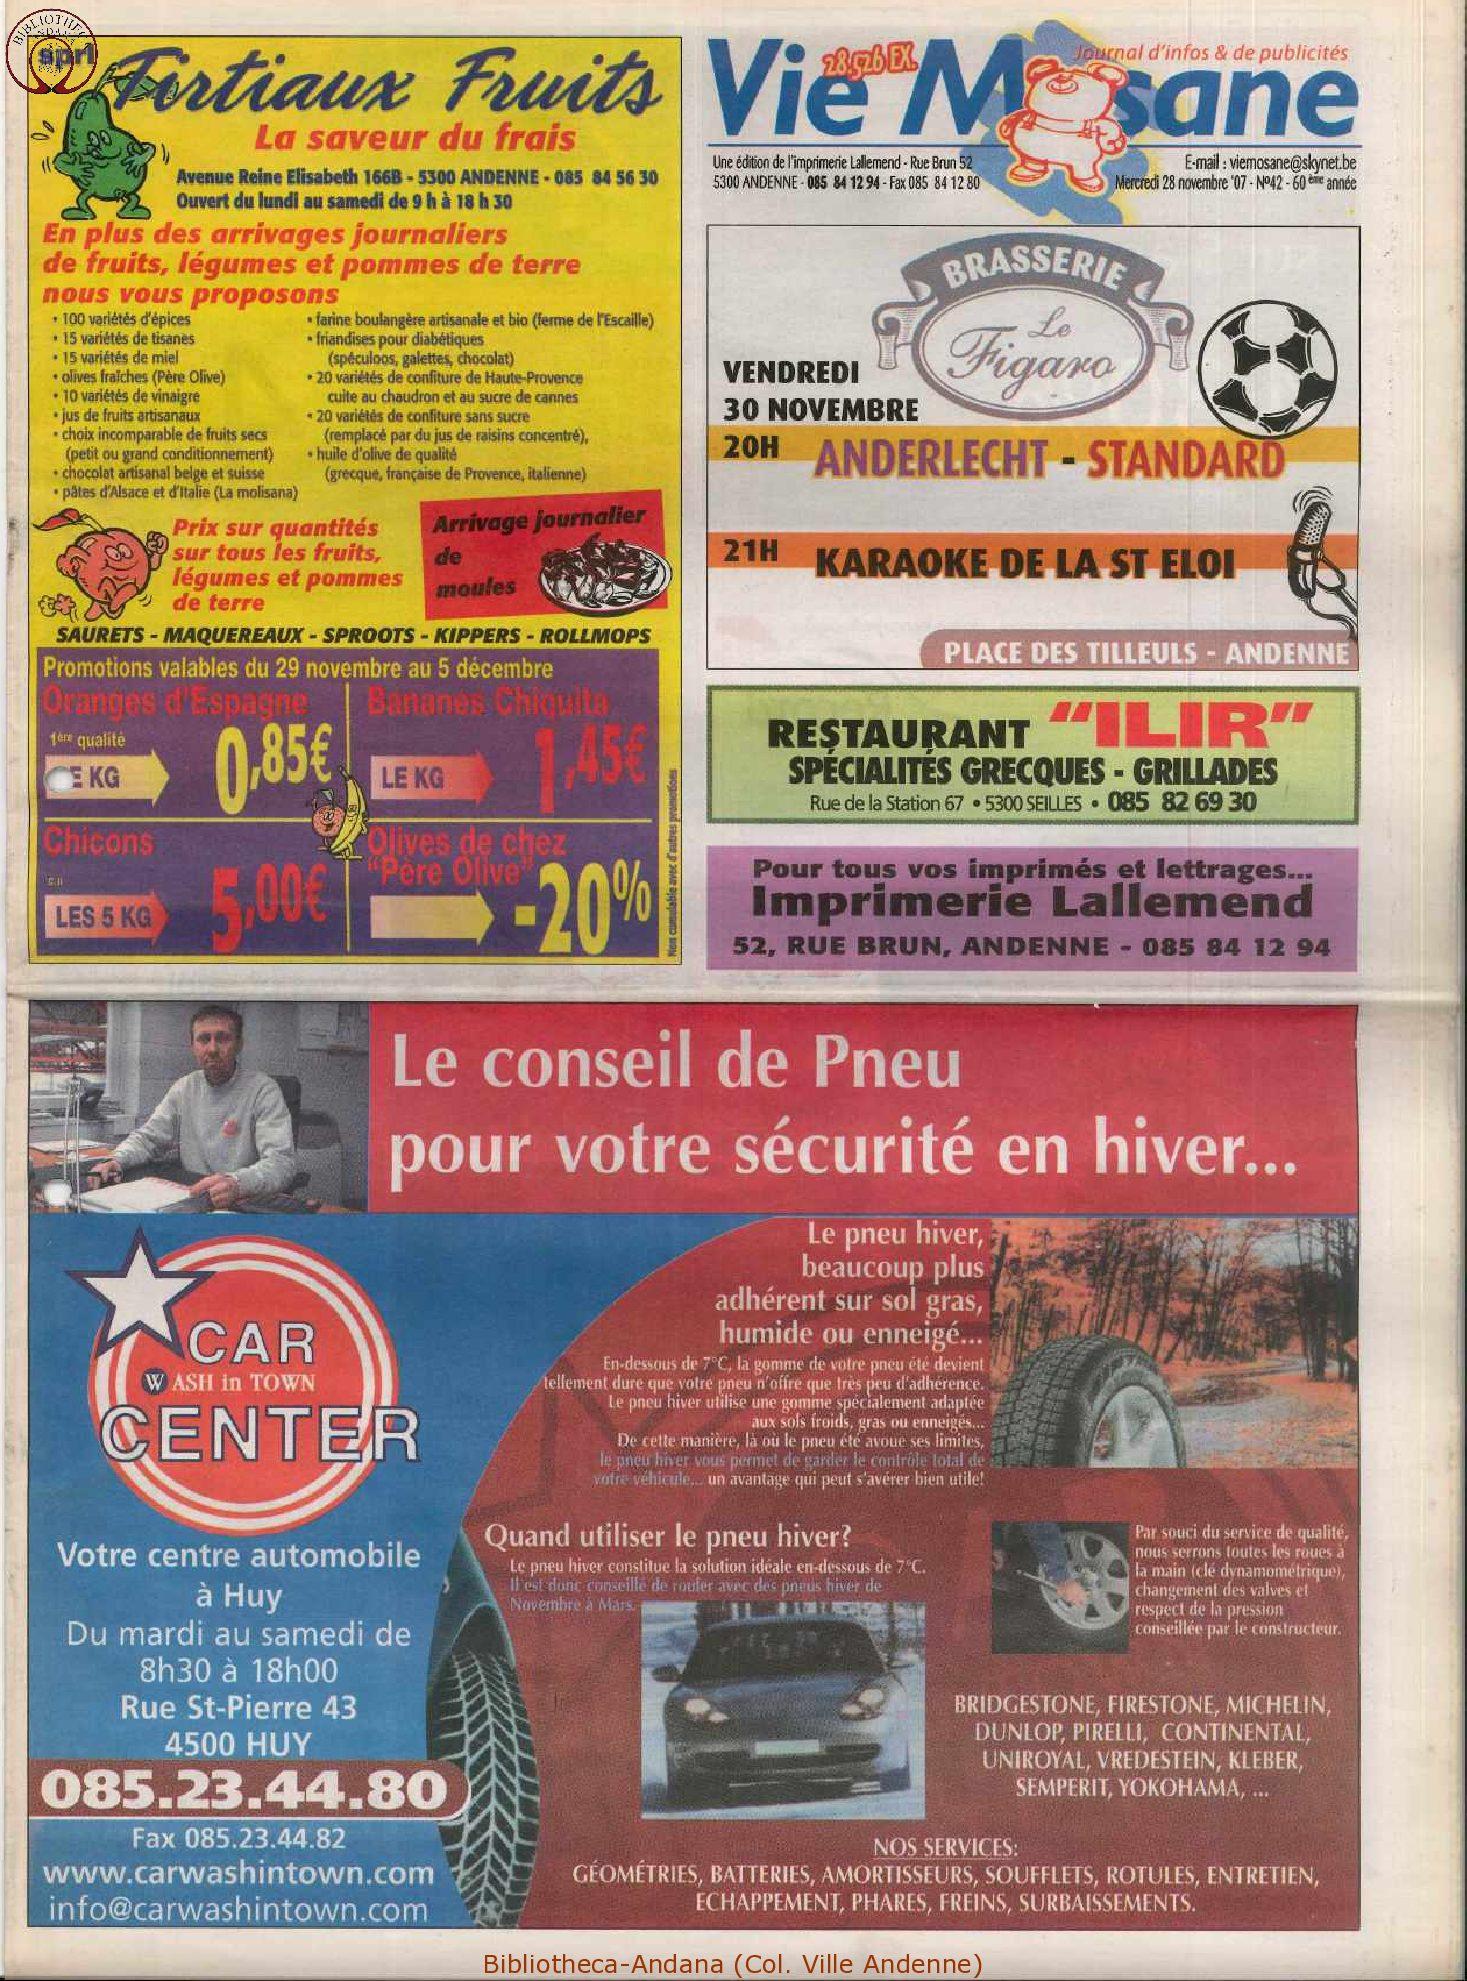 60e année - n°42 - 28 novembre 2007